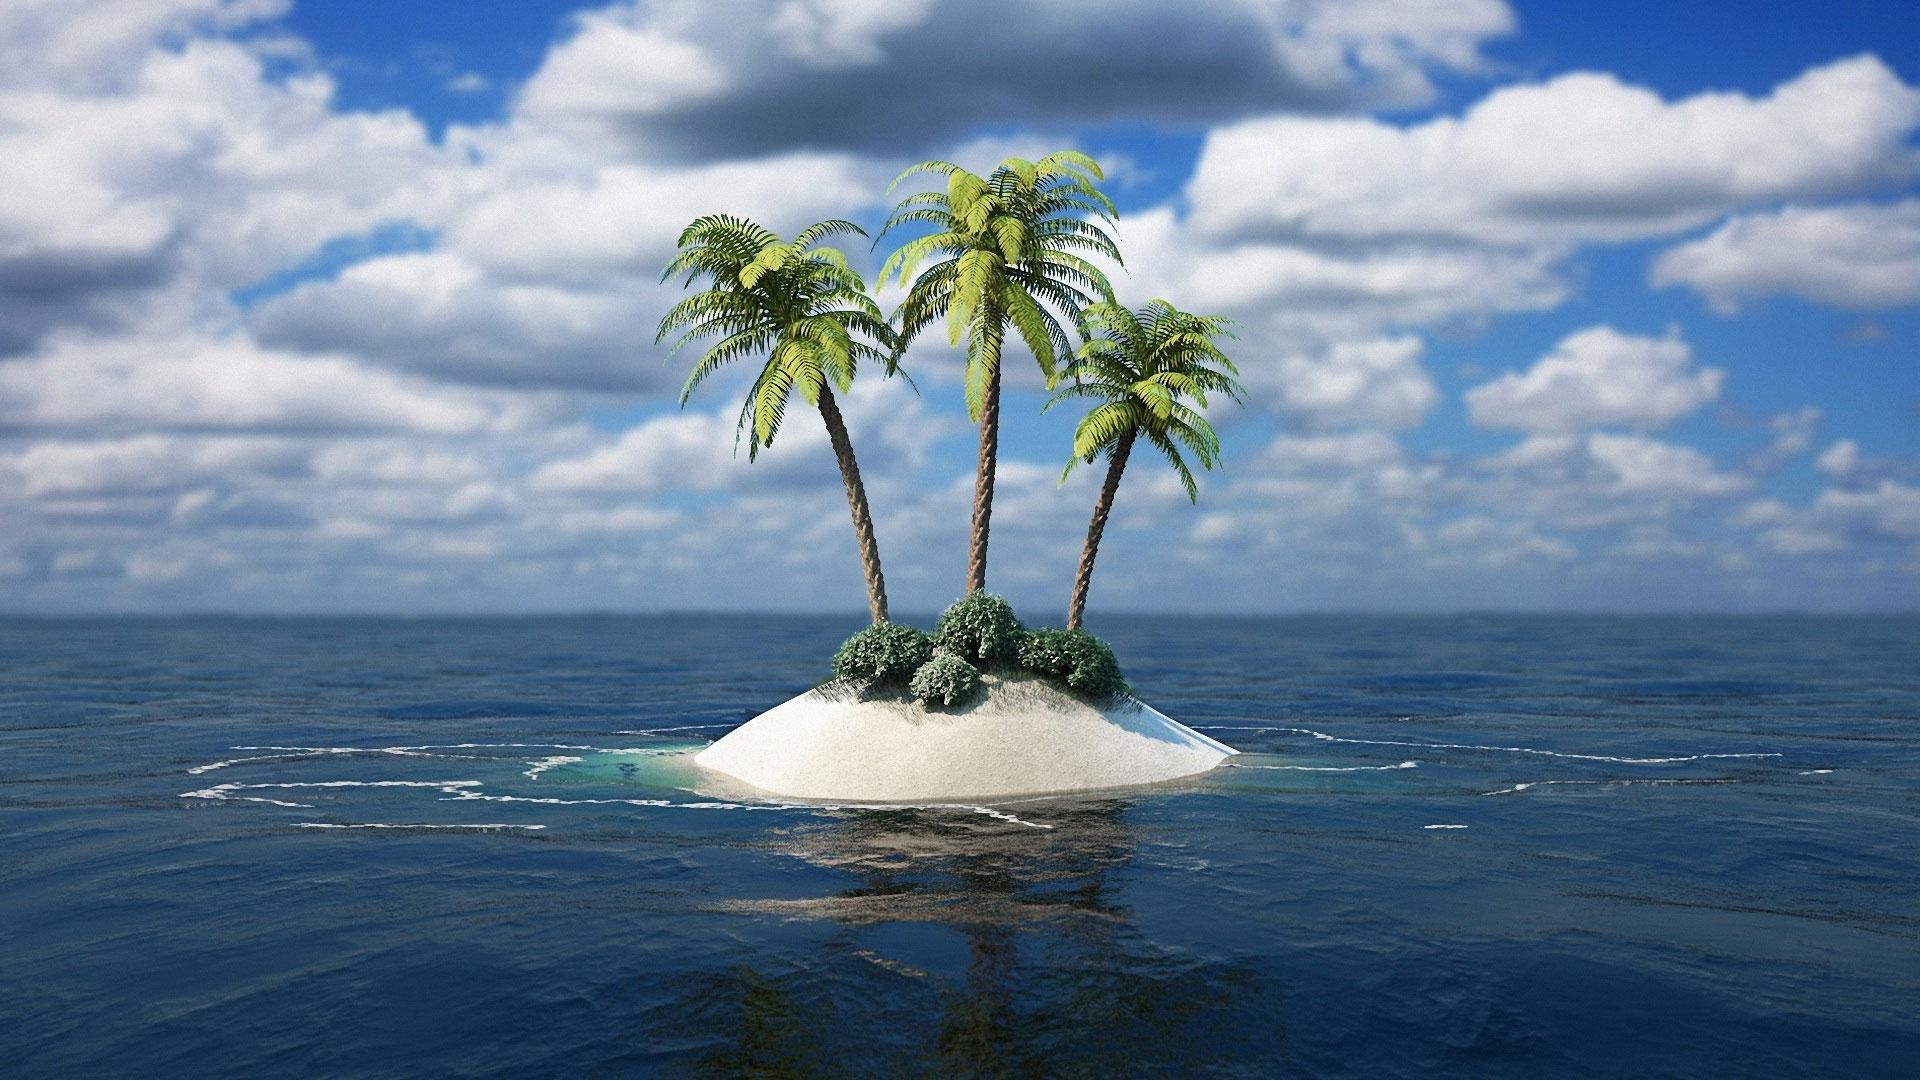 последний снимок острова картинки на тему образ